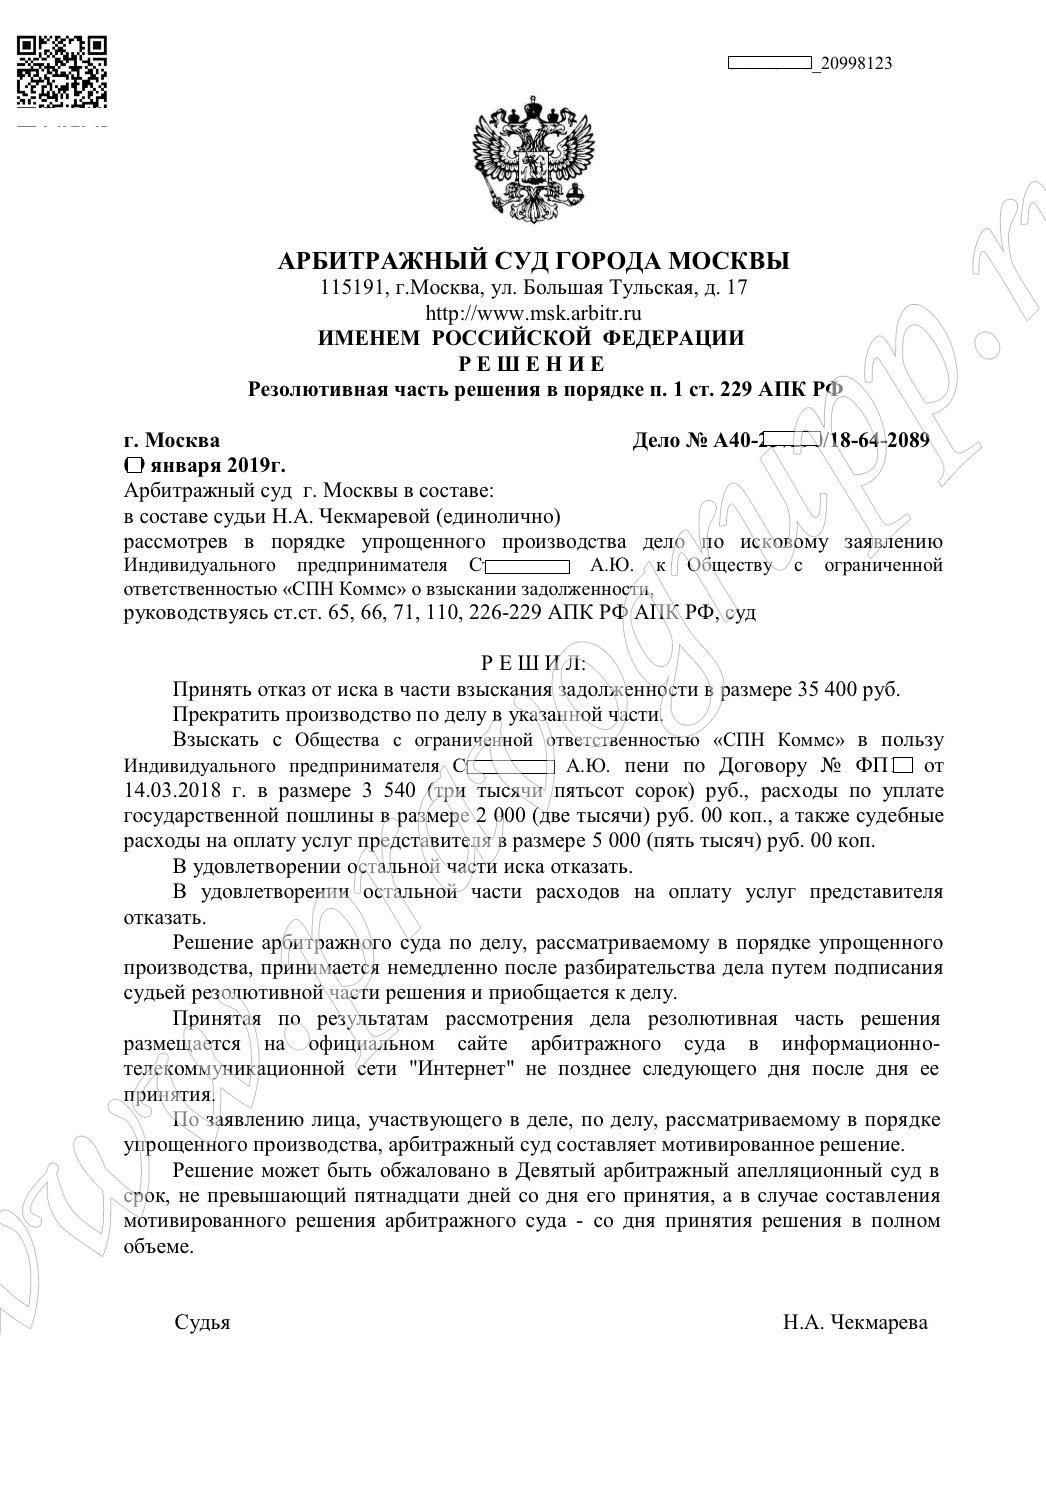 решение арбитражного суда по займу сбербанк официальный сайт самара вклады